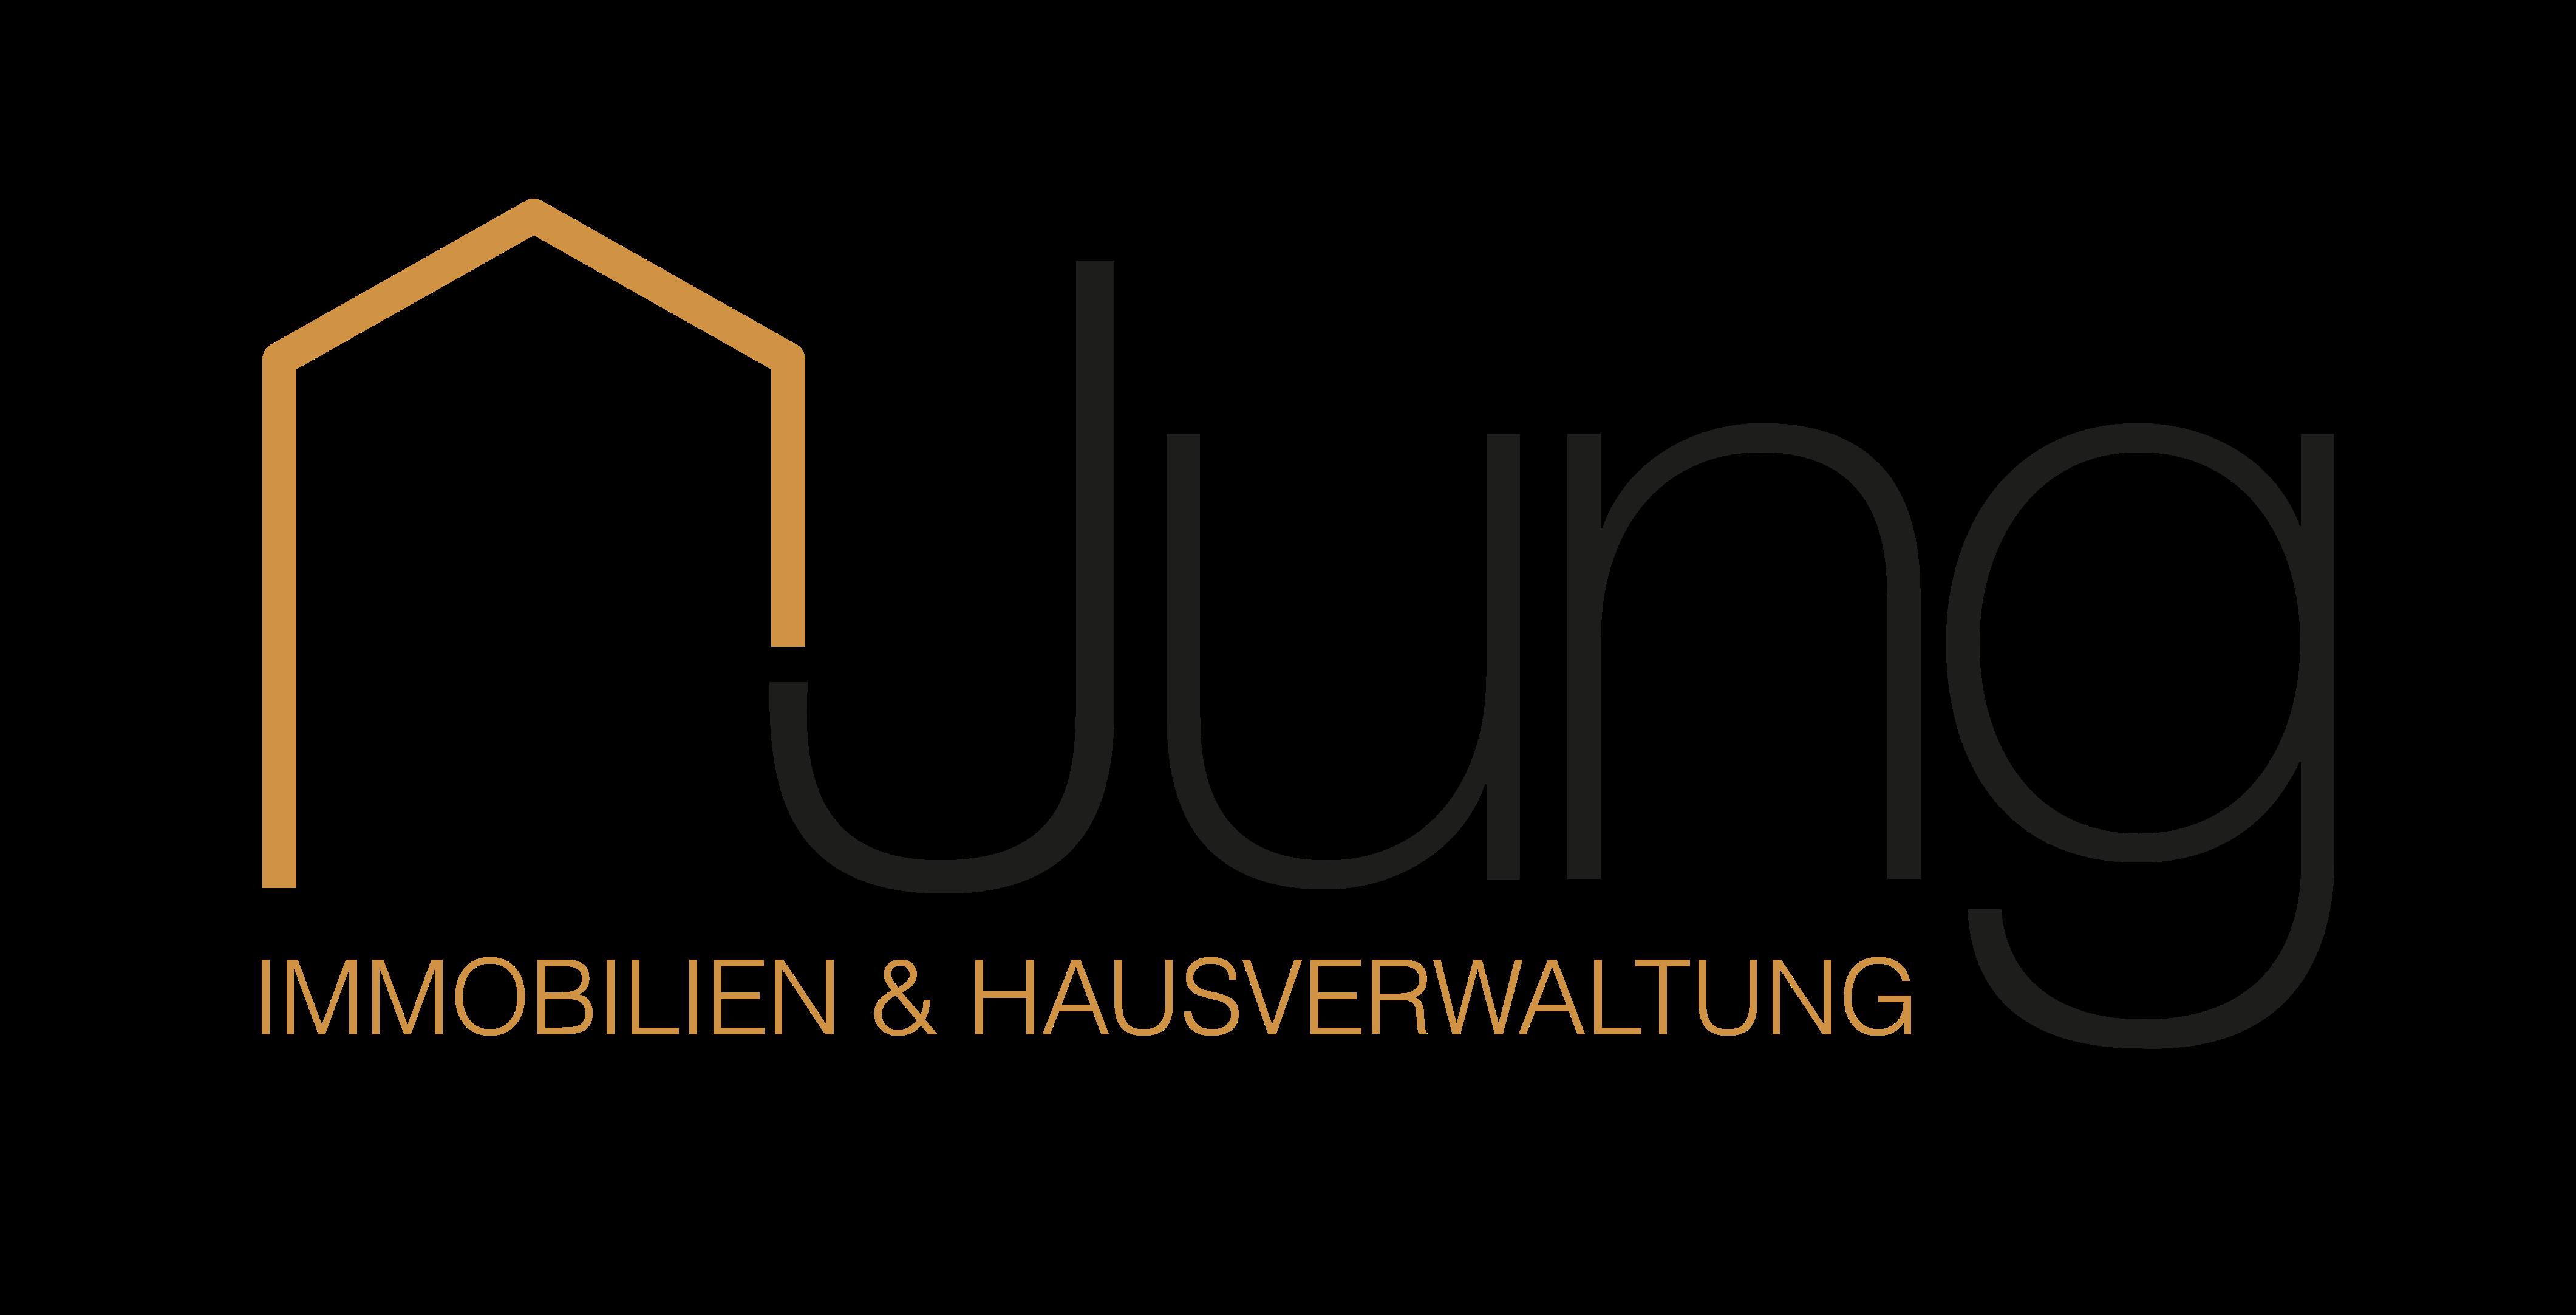 Jung Immobilien & Hausverwaltung